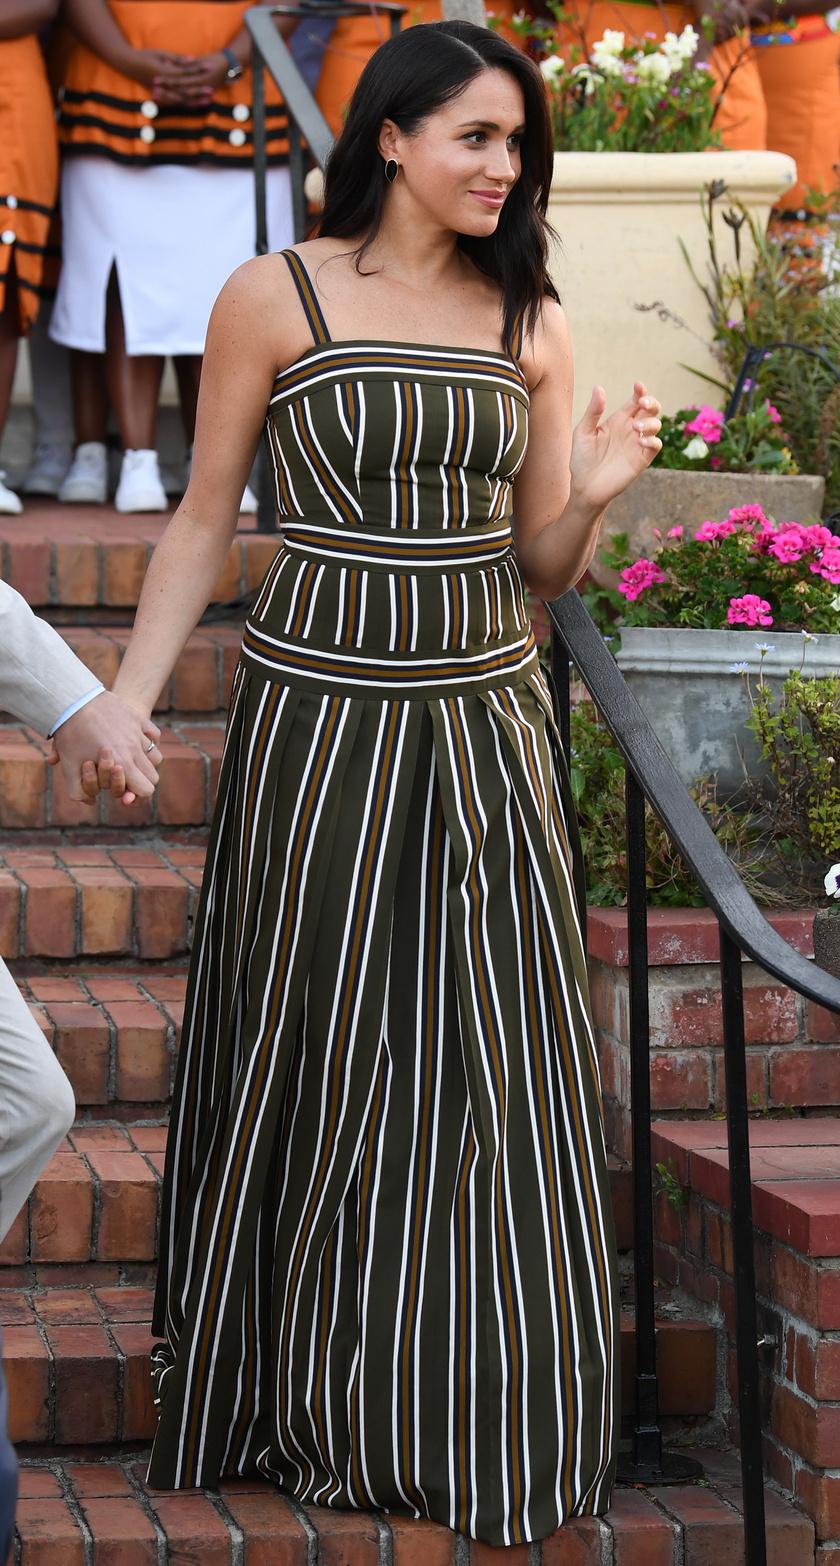 Nem csoda, hogy ismét viselni szerette volna ezt a ruhát - fantasztikusan áll rajta.